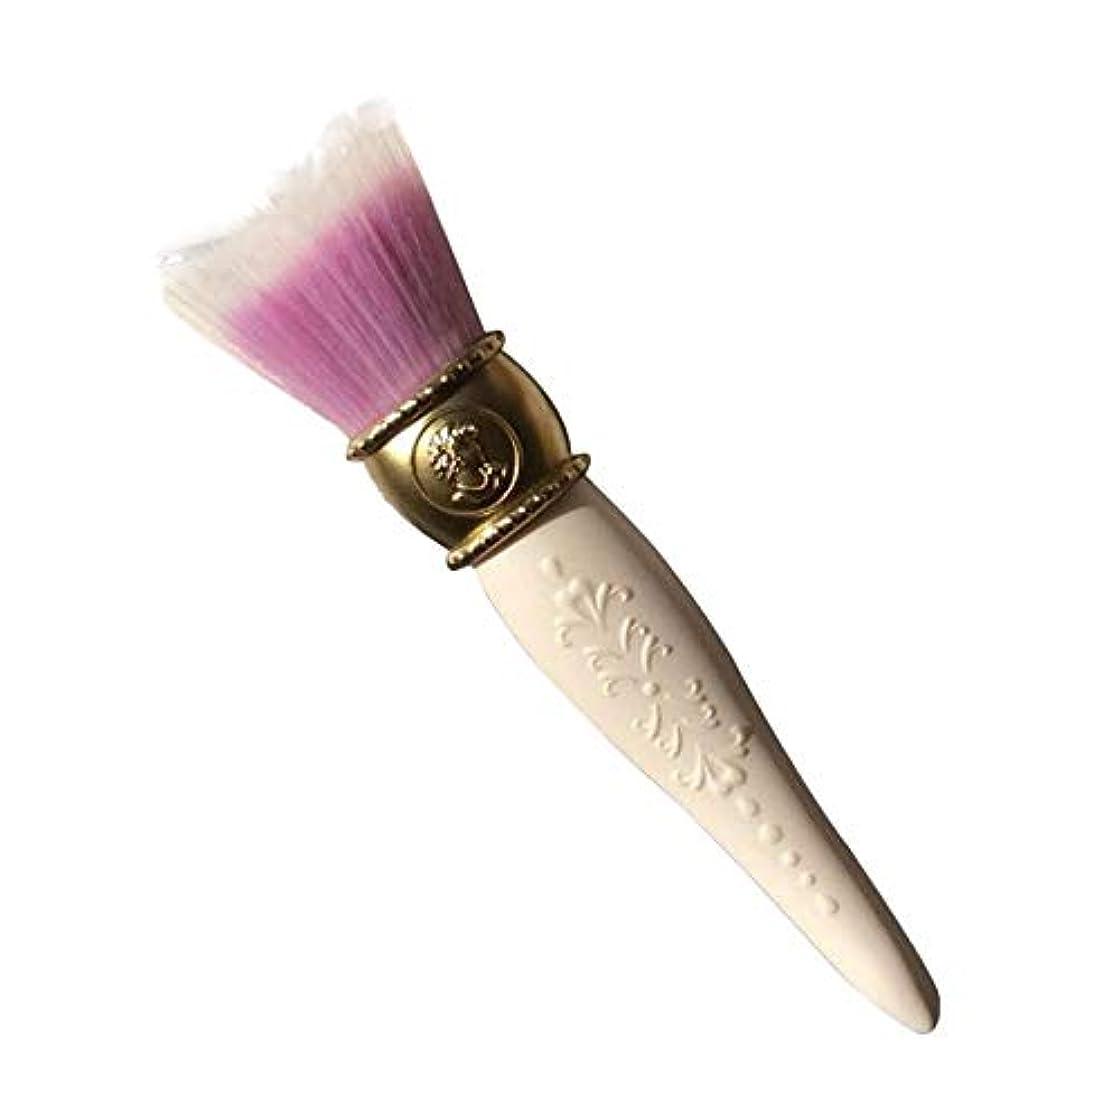 はげ何でも逆さまに笑え熊 貴族のシルバー ゴールド 高級タクロン 高級繊維毛 化粧ブラシ 化粧筆 手作業 化粧ポーチ付き